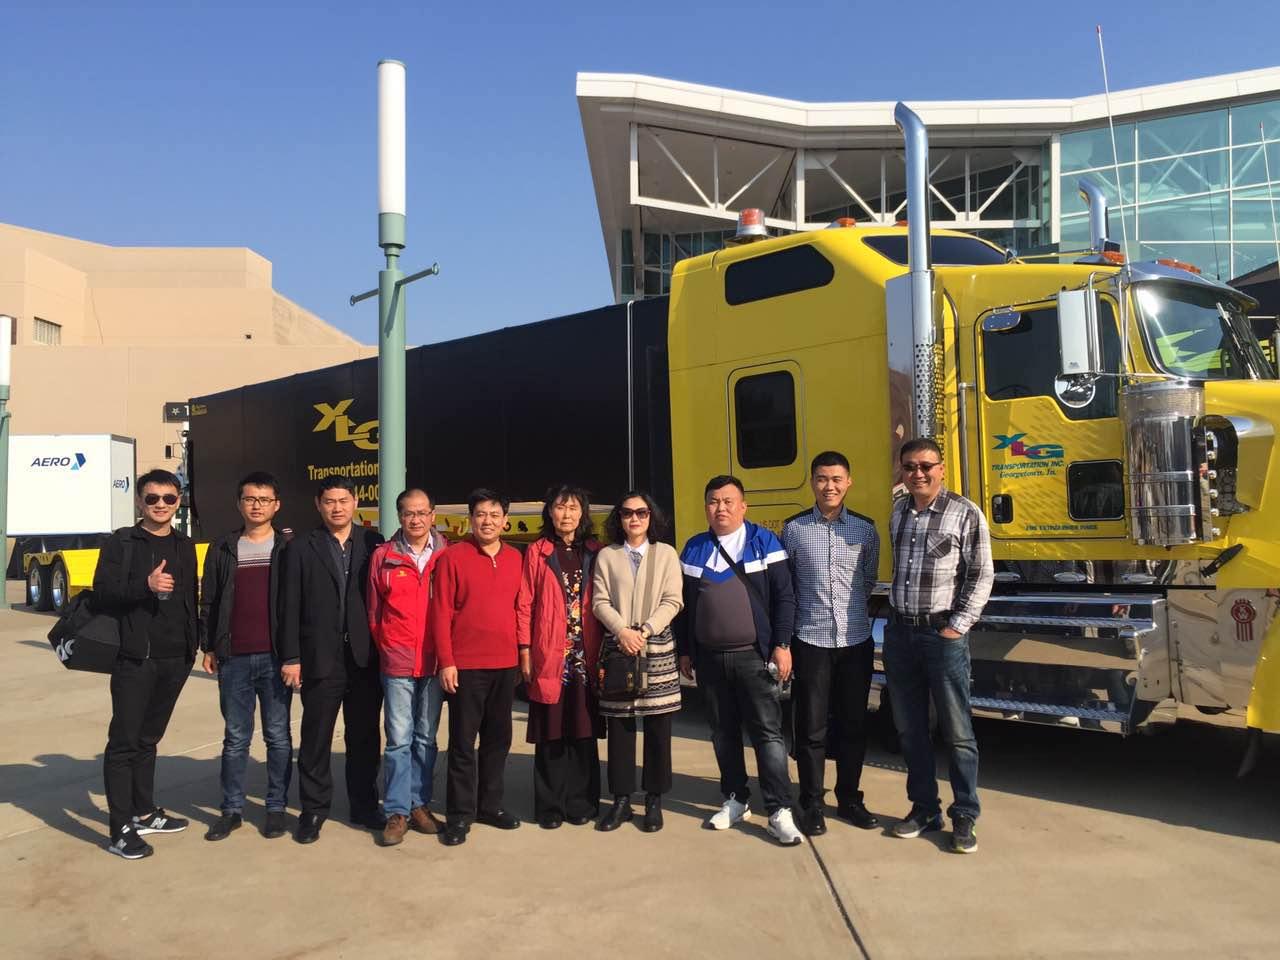 美国路易斯维尔中部卡车展览会